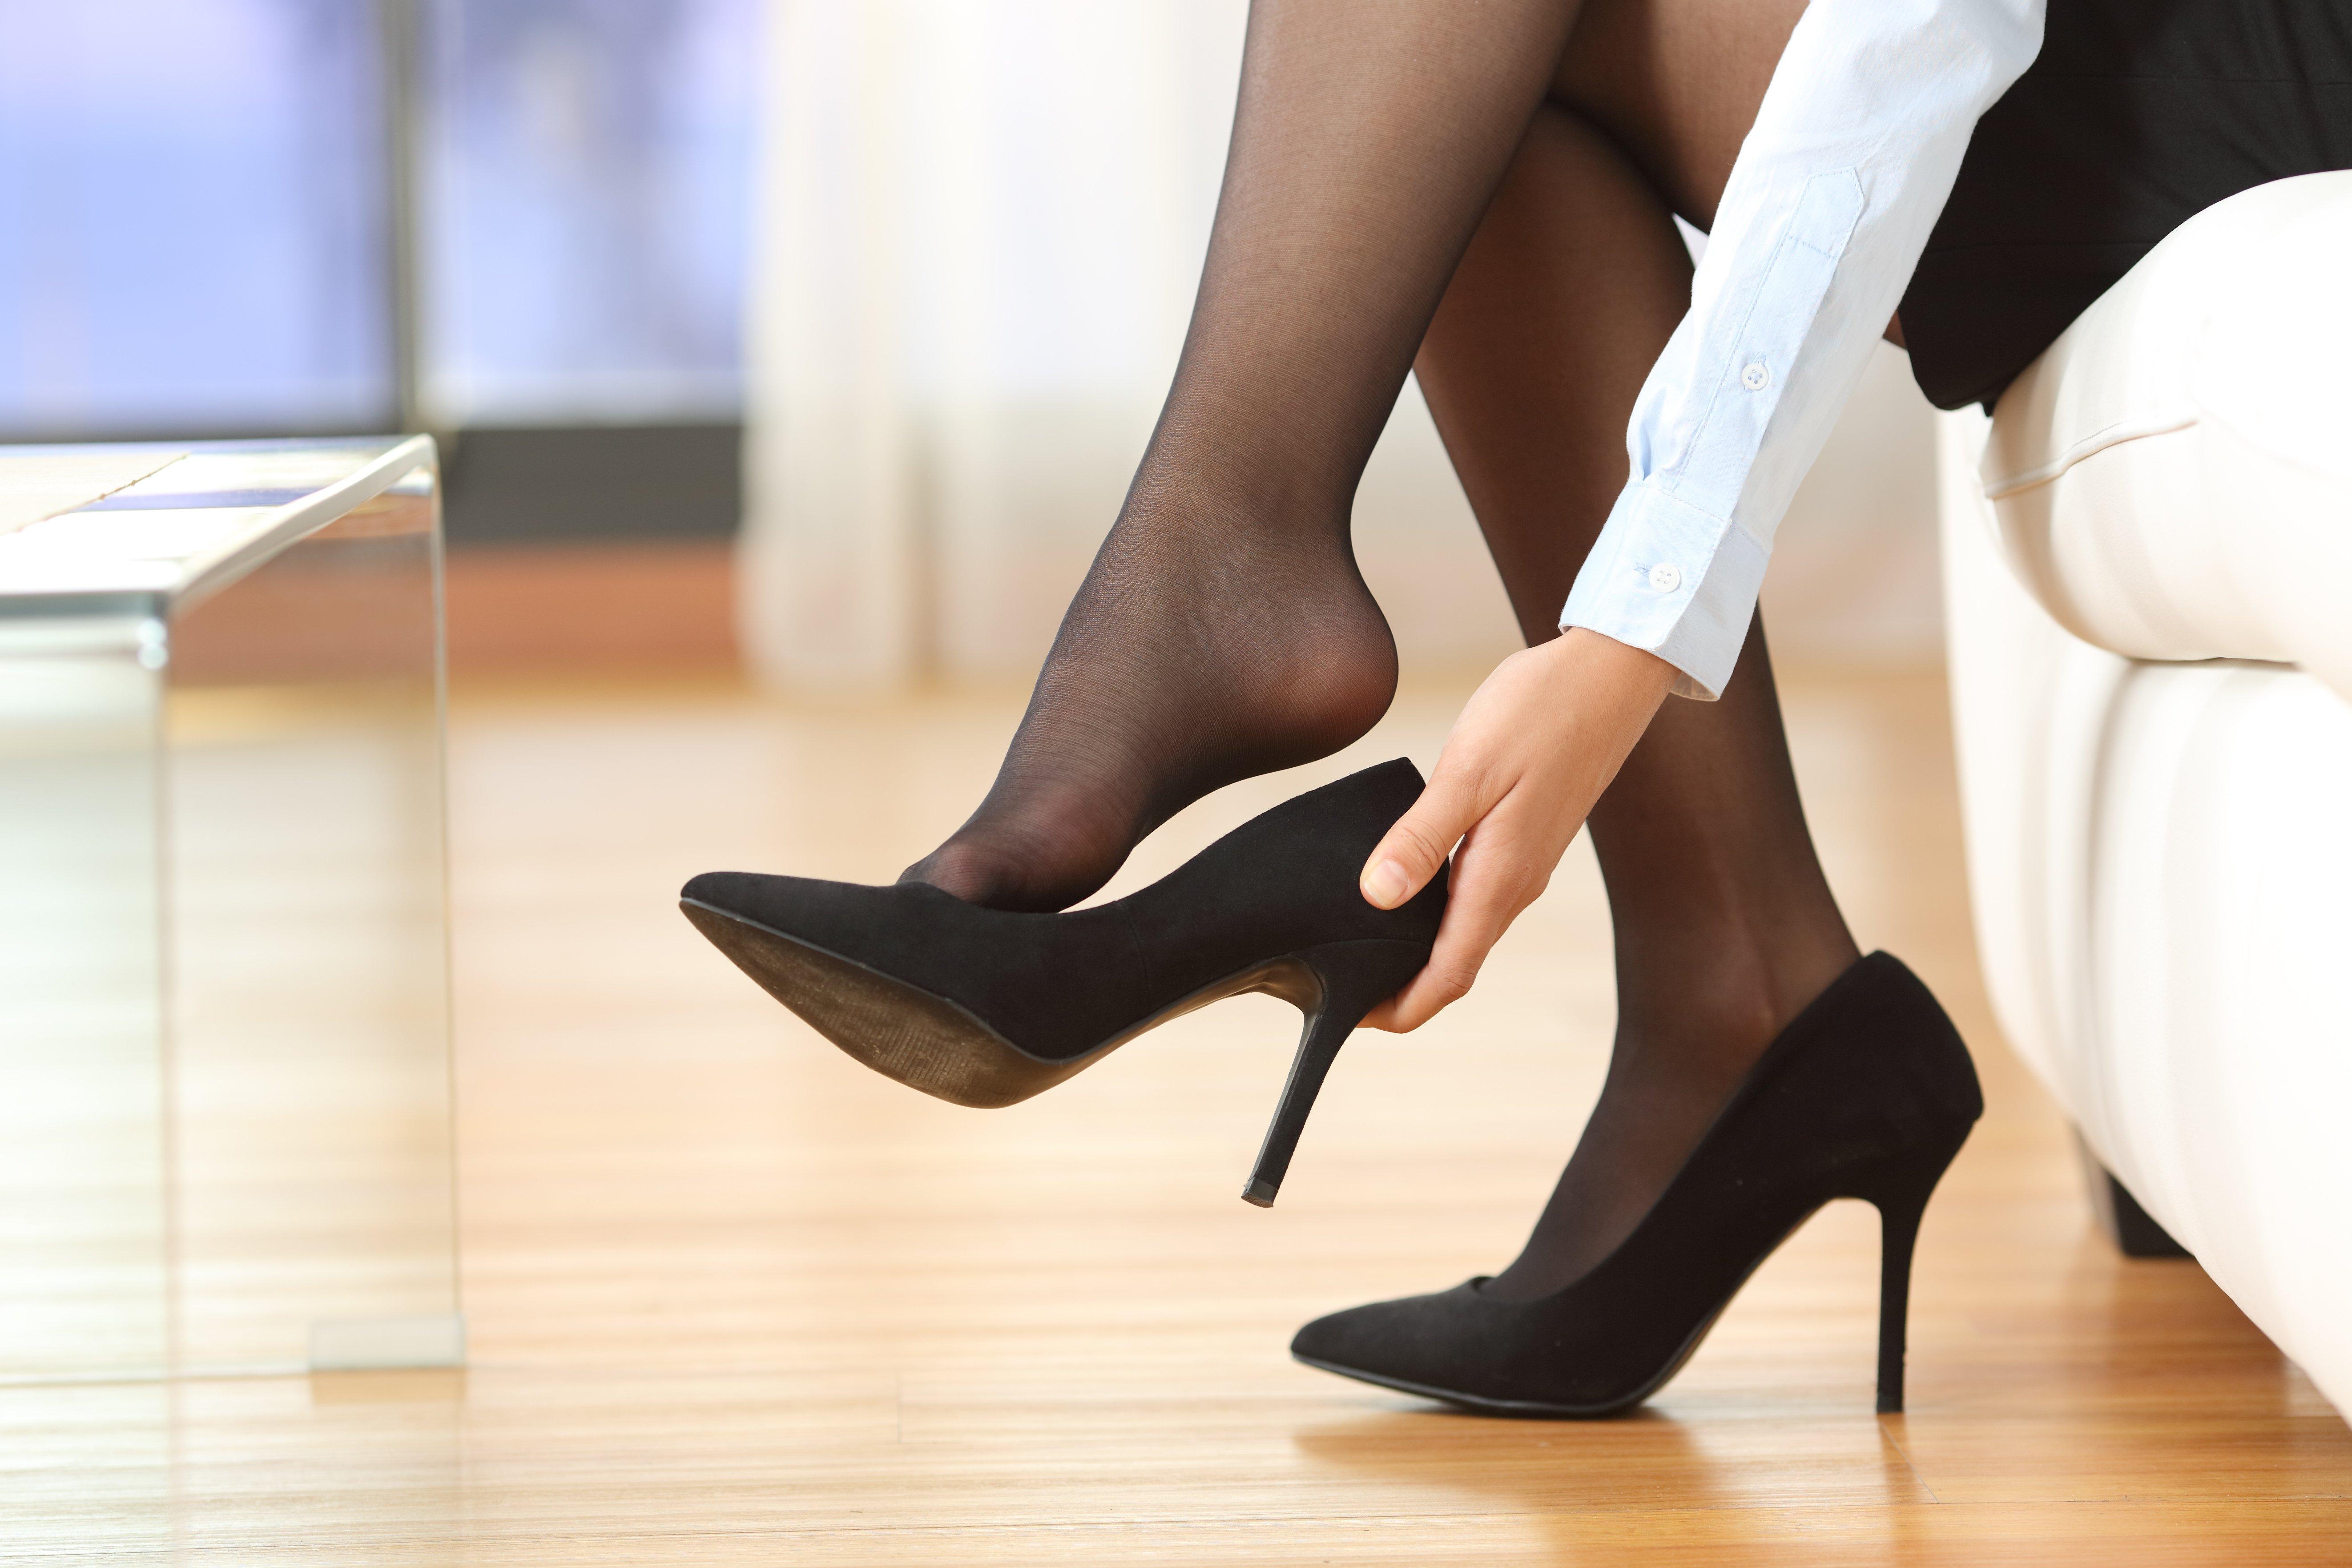 Empresaria quitándose los zapatos de tacones altos después del trabajo. Fuente: Shutterstock